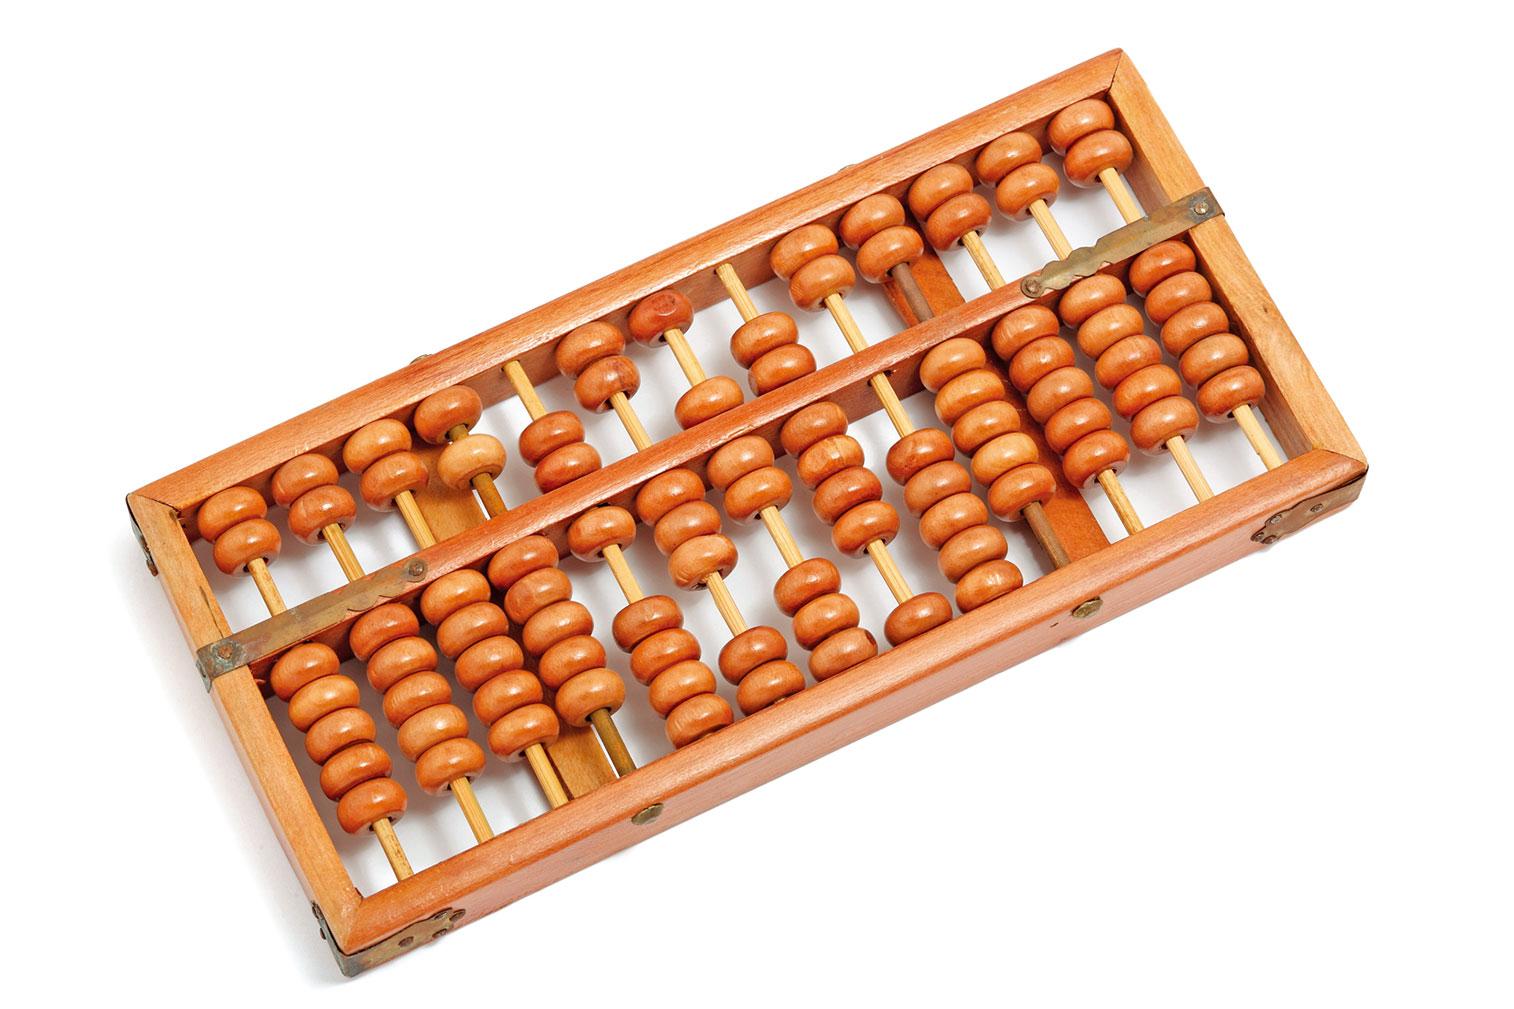 明代後期出現的算盤款式,採用上二珠、下五珠的形式,上一珠當五,下一珠當一。(Shutterstock)